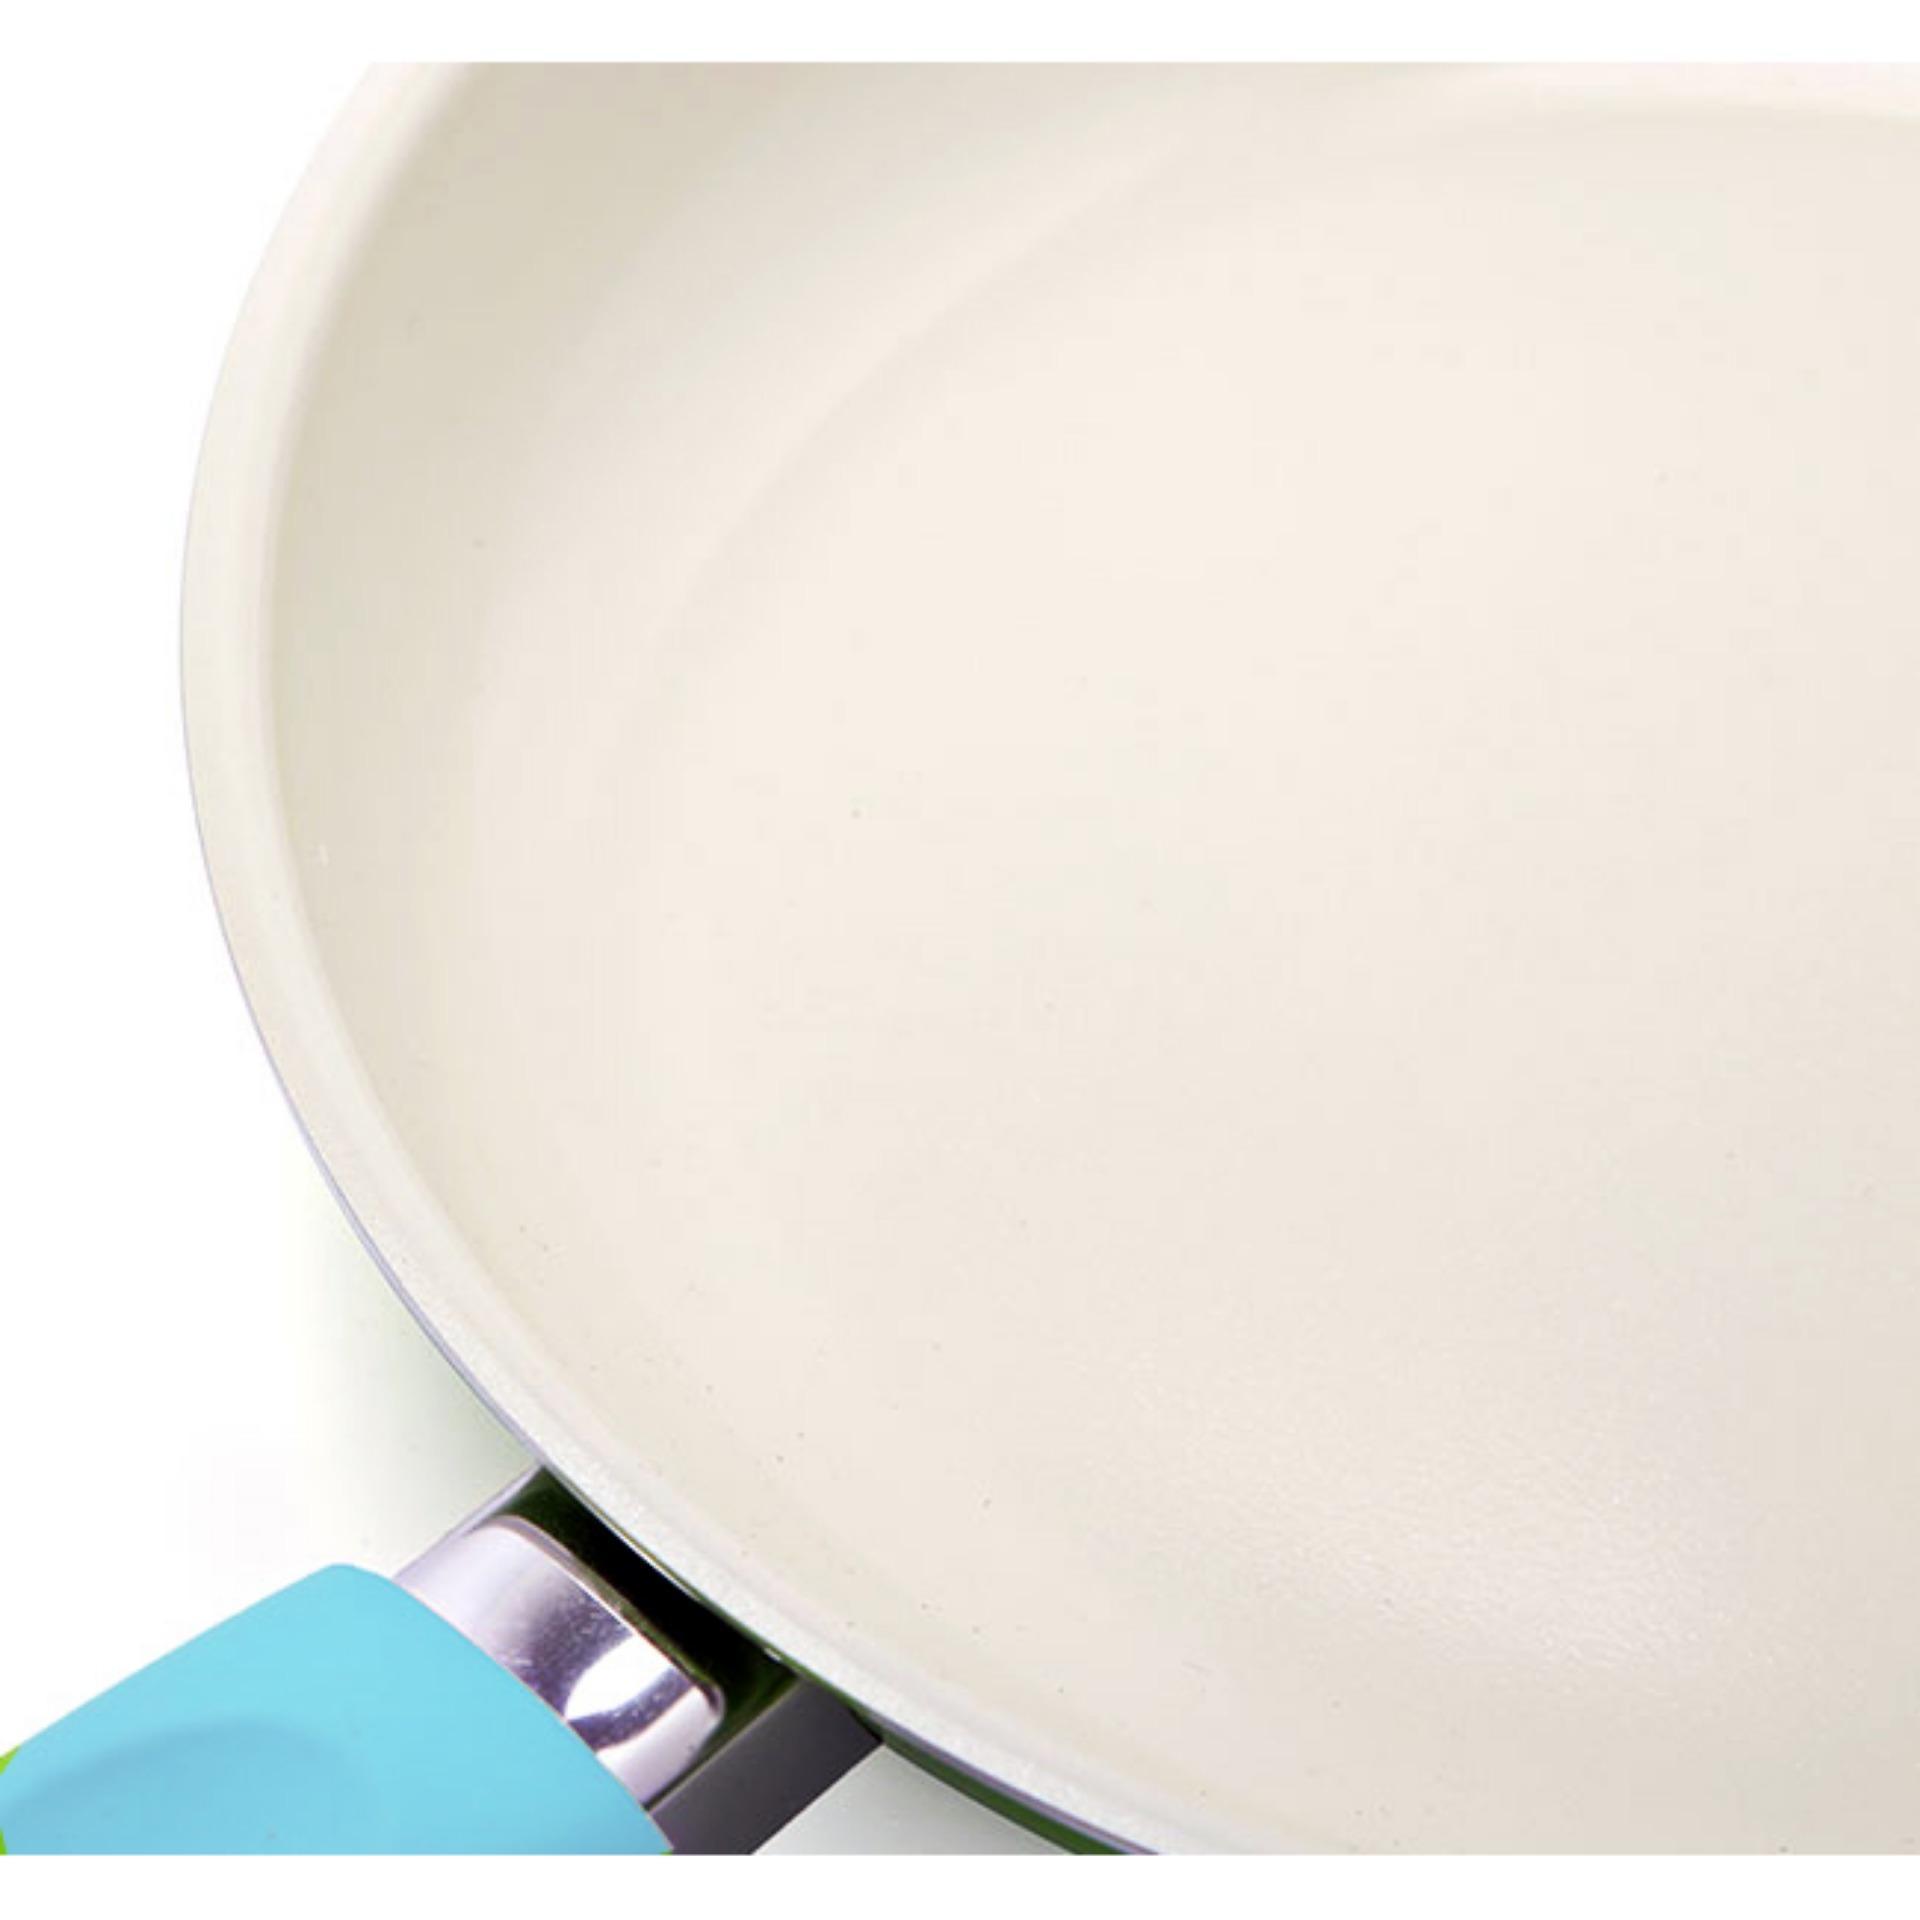 Chảo ceramic chống dính 24cm Comet CH11-24 (Xanh bạc hà)